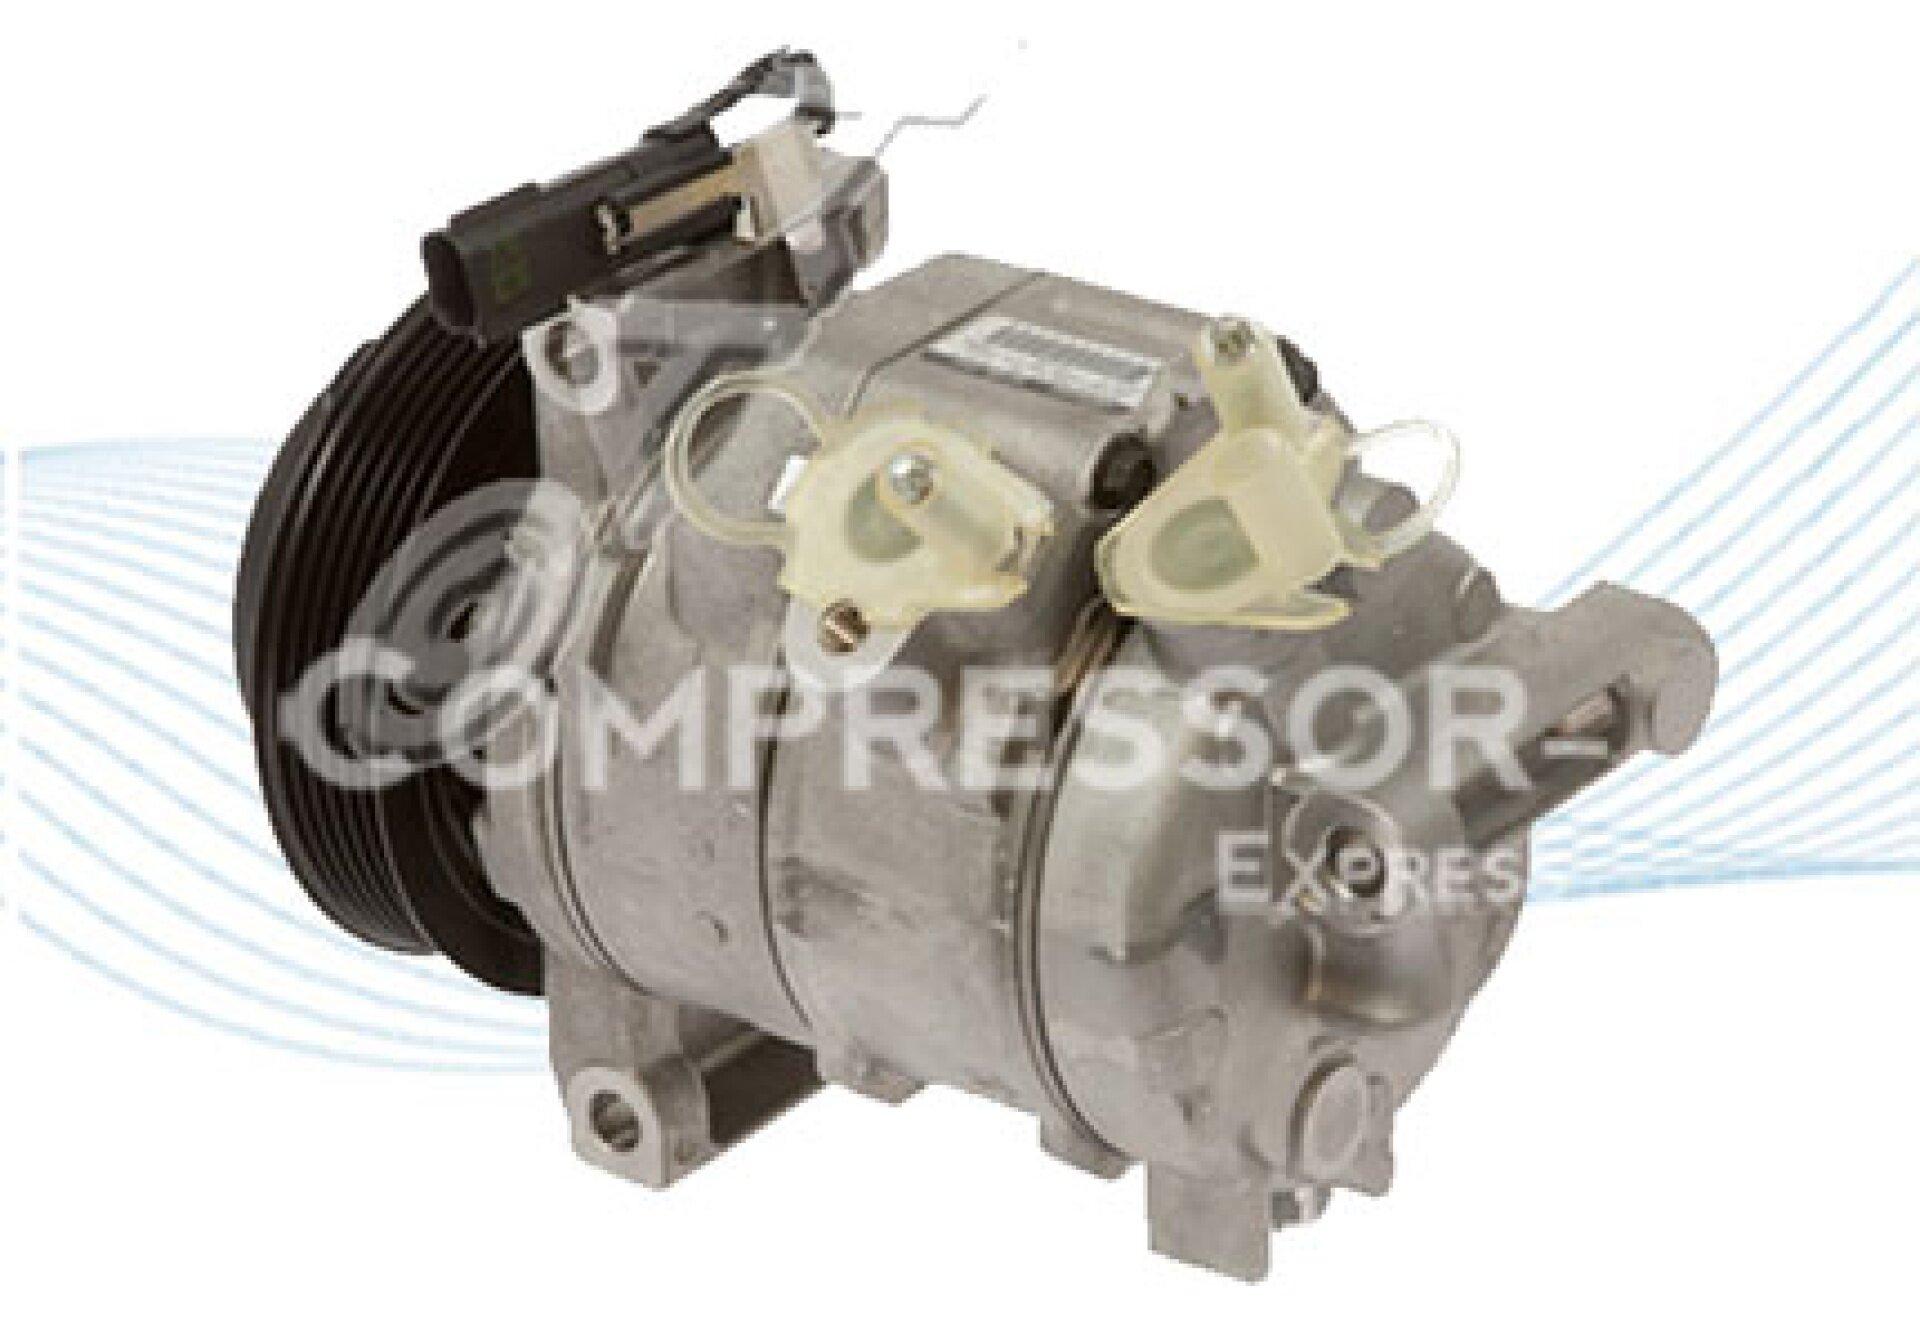 Denso 10sre18c compresor de aire acondicionado 55111541ab for Compresor de aire acondicionado